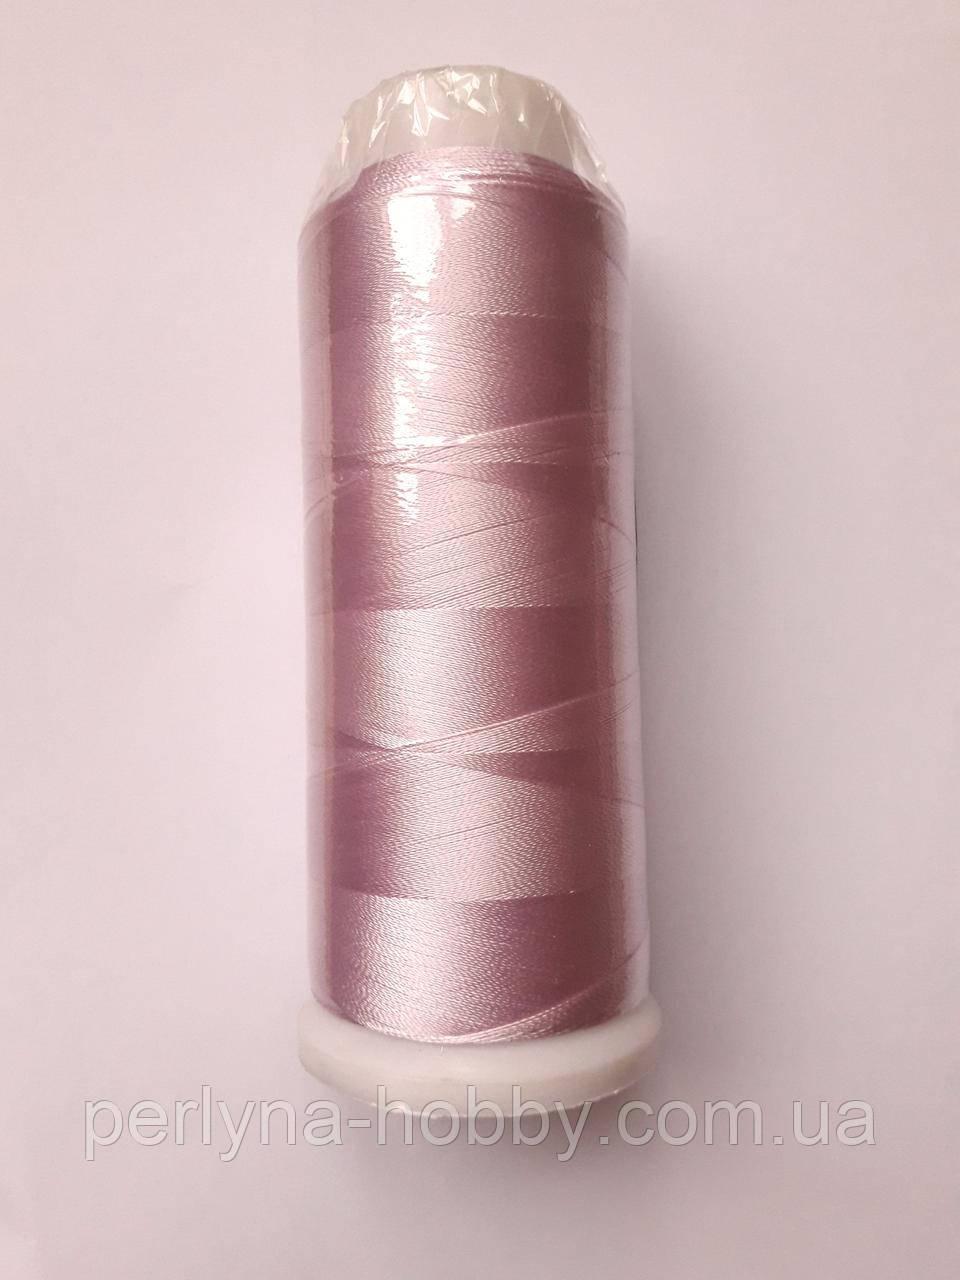 Нитки для машинної вишики 100% віскоза (100% rayon) 3000  світло бузковий № 252